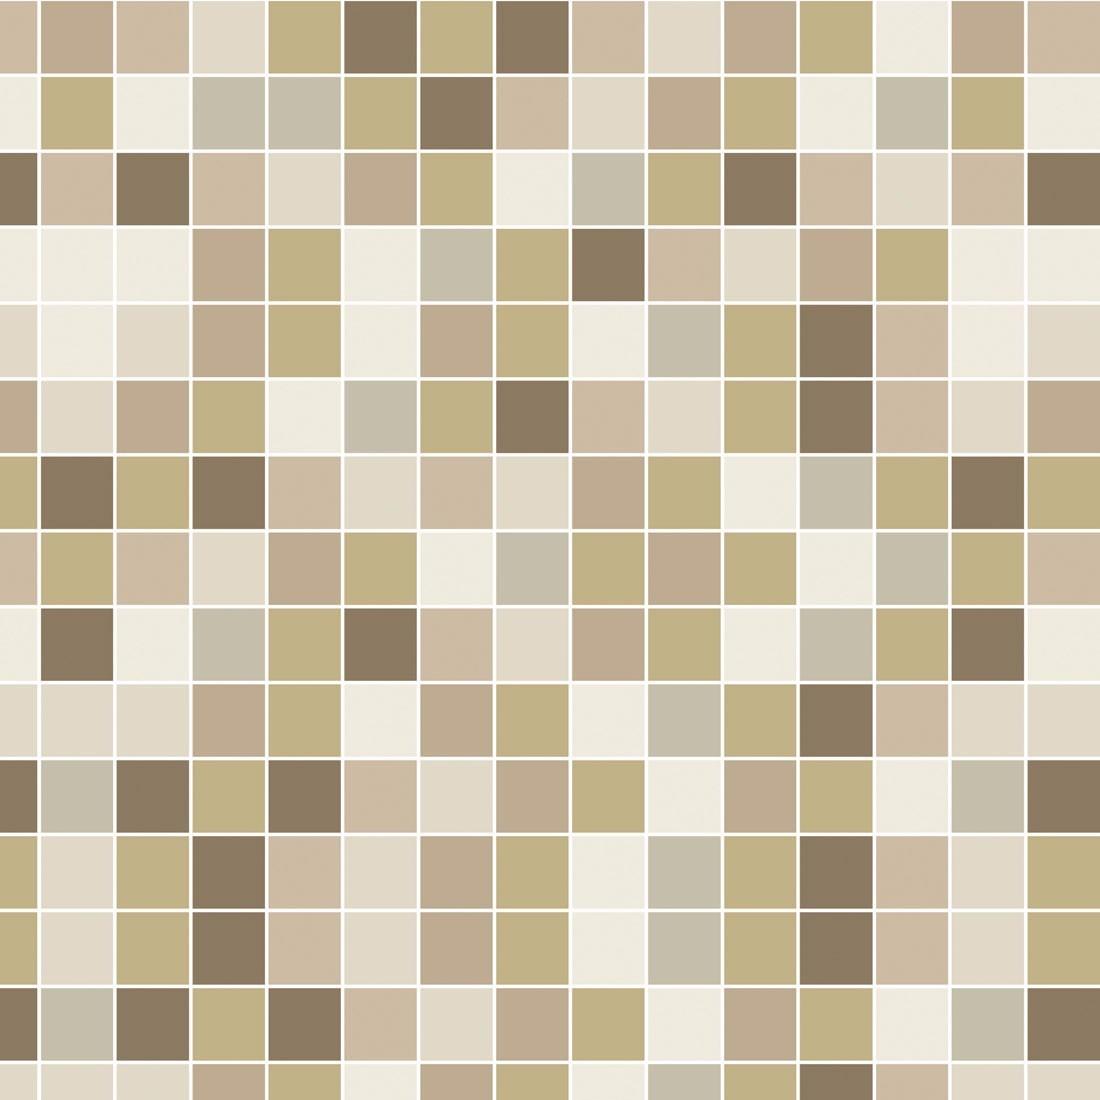 #837048 Papel De Parede Pastilhas Cozinha Banheiro Vinílico 5 Metros R$ 75  1100x1100 px papel de parede para banheiro mercado livre